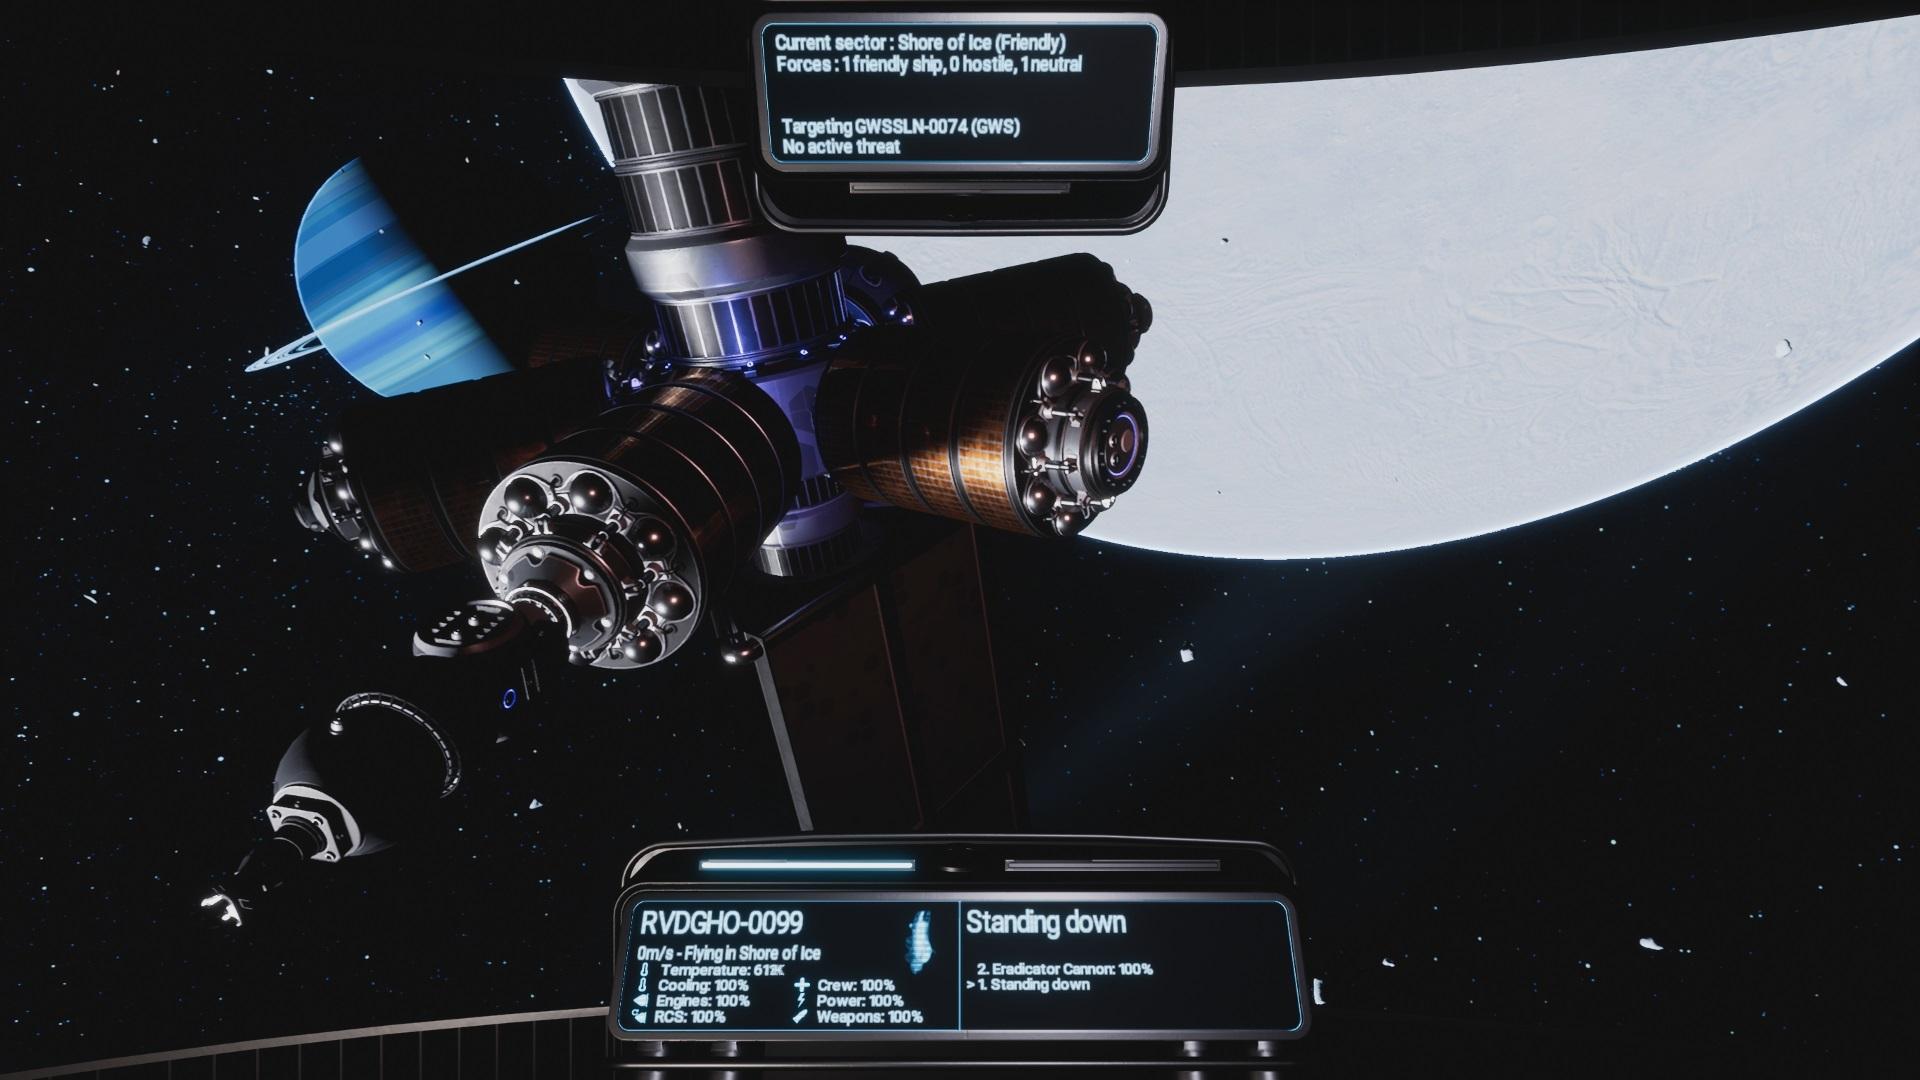 Les mines construites sur les astéroïdes sont une importante source de richesses